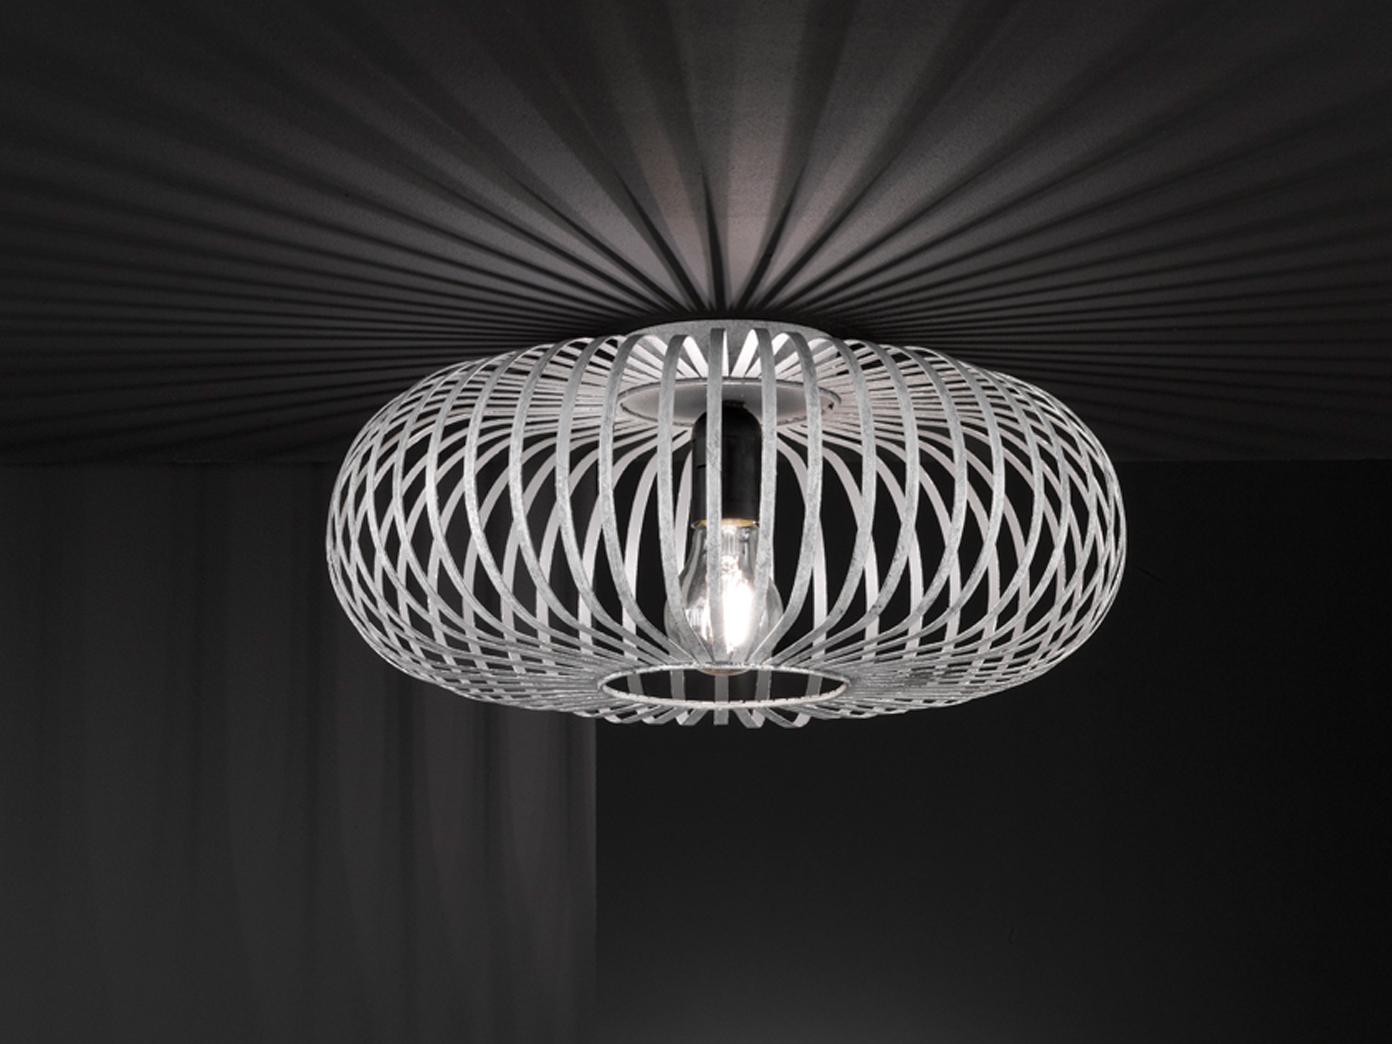 Full Size of Led Wohnzimmerlampe Lampe Mit Fernbedienung Funktioniert Nicht Moderne Wohnzimmerlampen Wohnzimmerleuchten Modern Dimmbar E27 Farbwechsel Spiegel Bad Sofa Wohnzimmer Led Wohnzimmerlampe